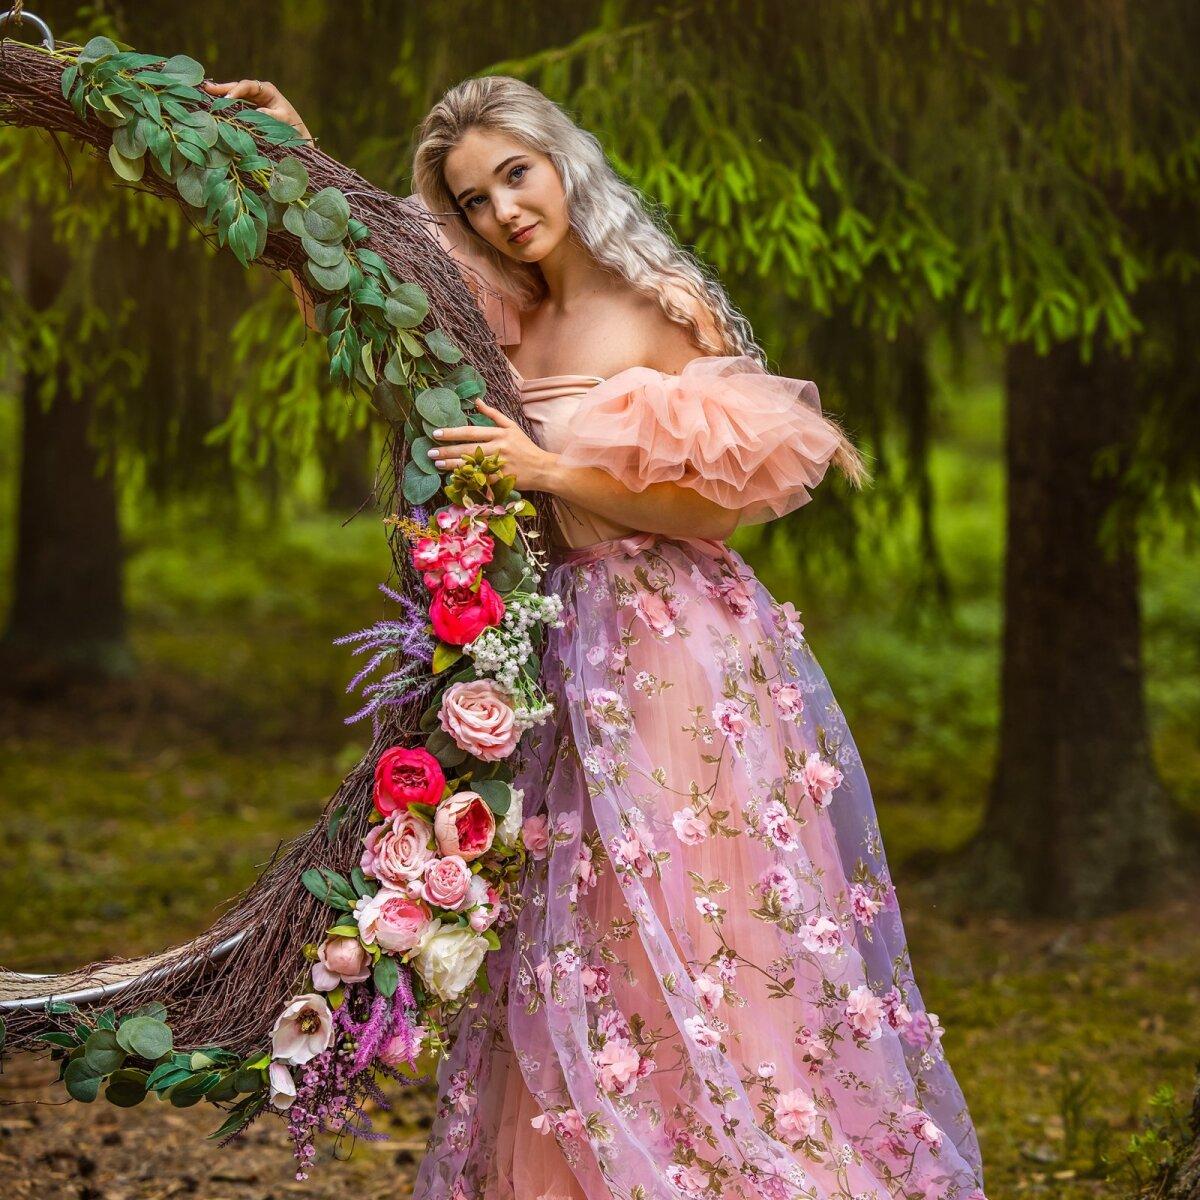 """Победительница конкурса """"Мое любимое летнее платье"""": """"Моего любимое летнее платье в этом году. Самое нежное, которое я когда-либо мерила:)"""""""